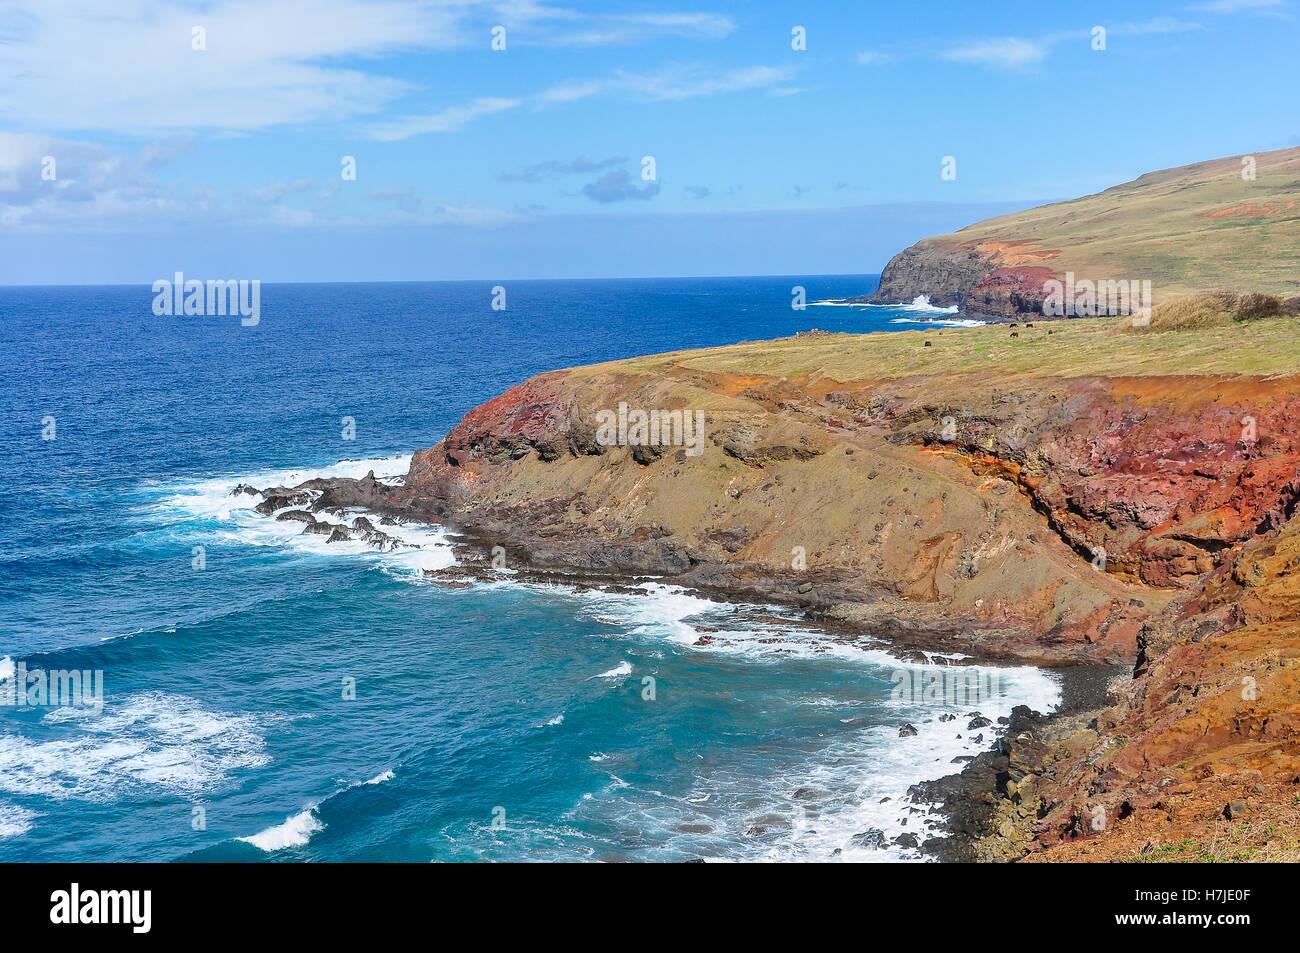 Paysage littoral accidenté de l'île de Pâques, Chili Photo Stock